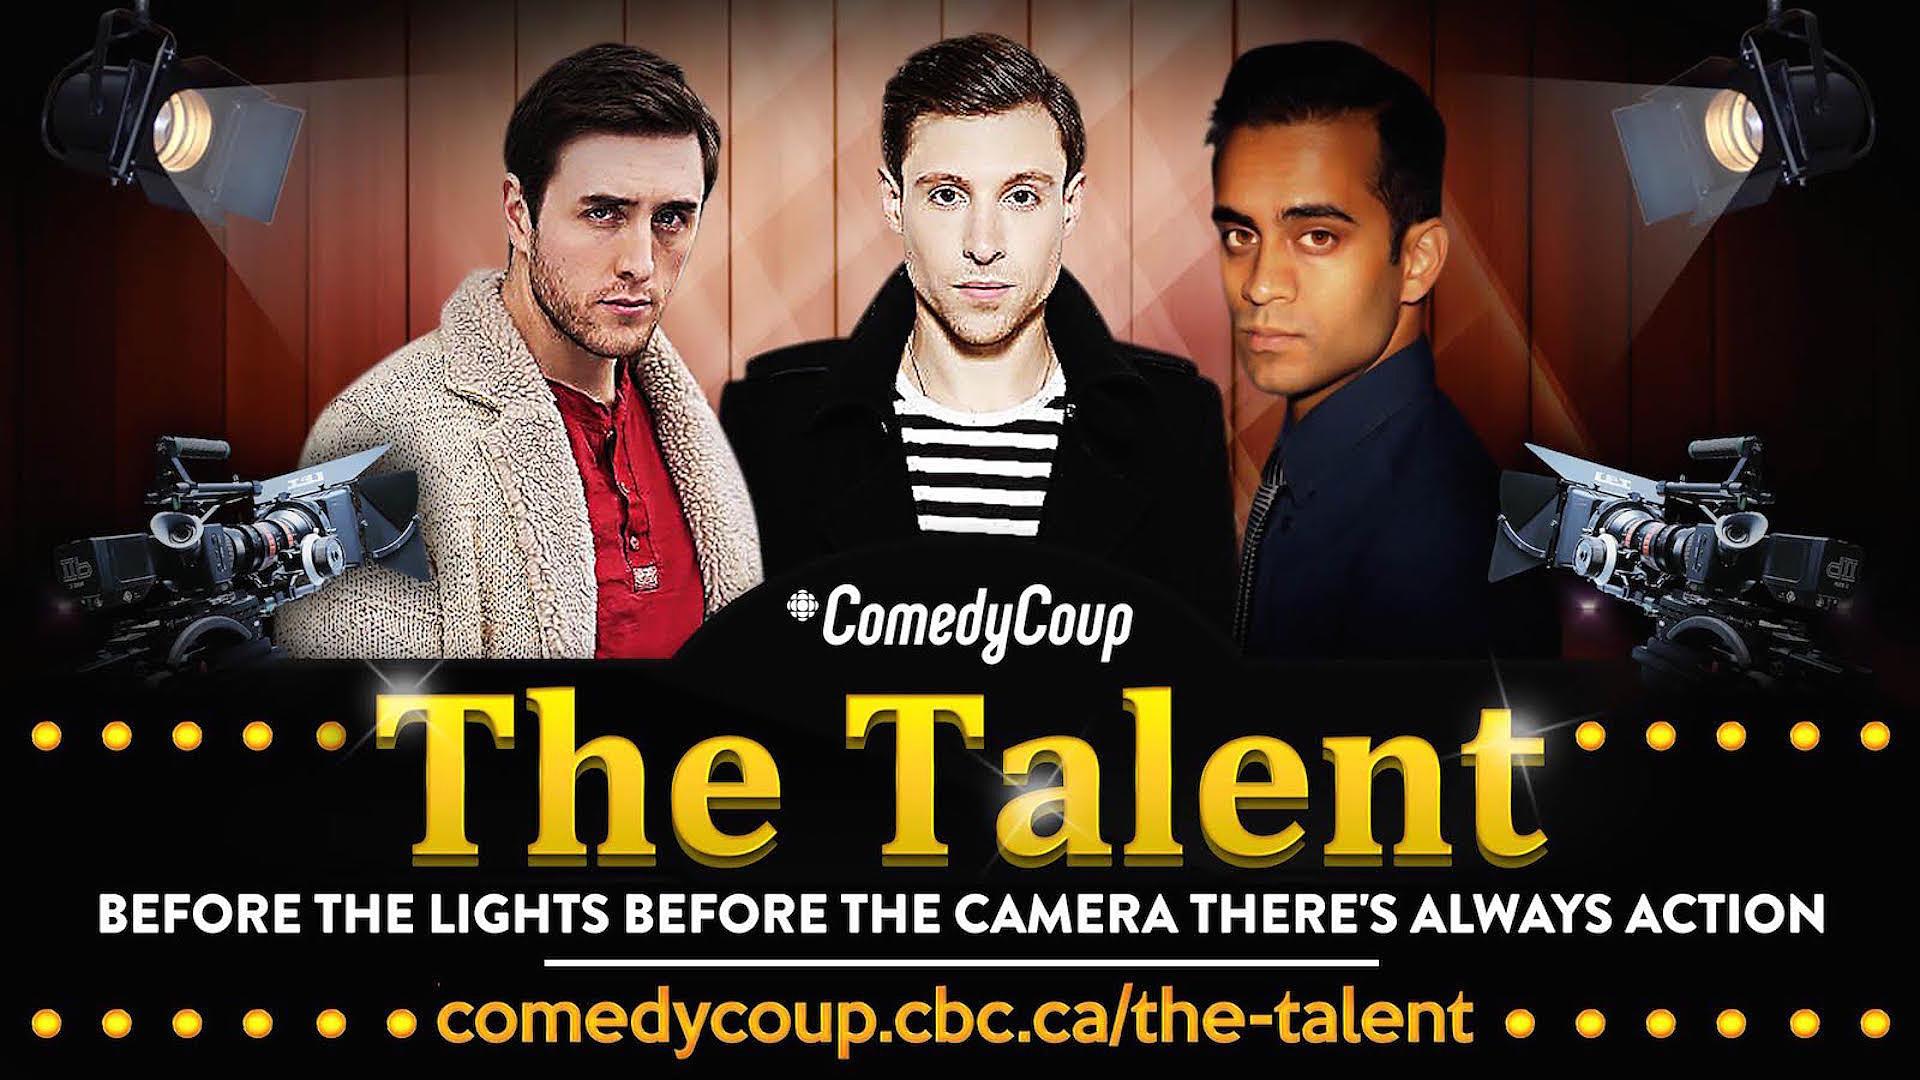 Week 4 Key It: Poster B The Talent